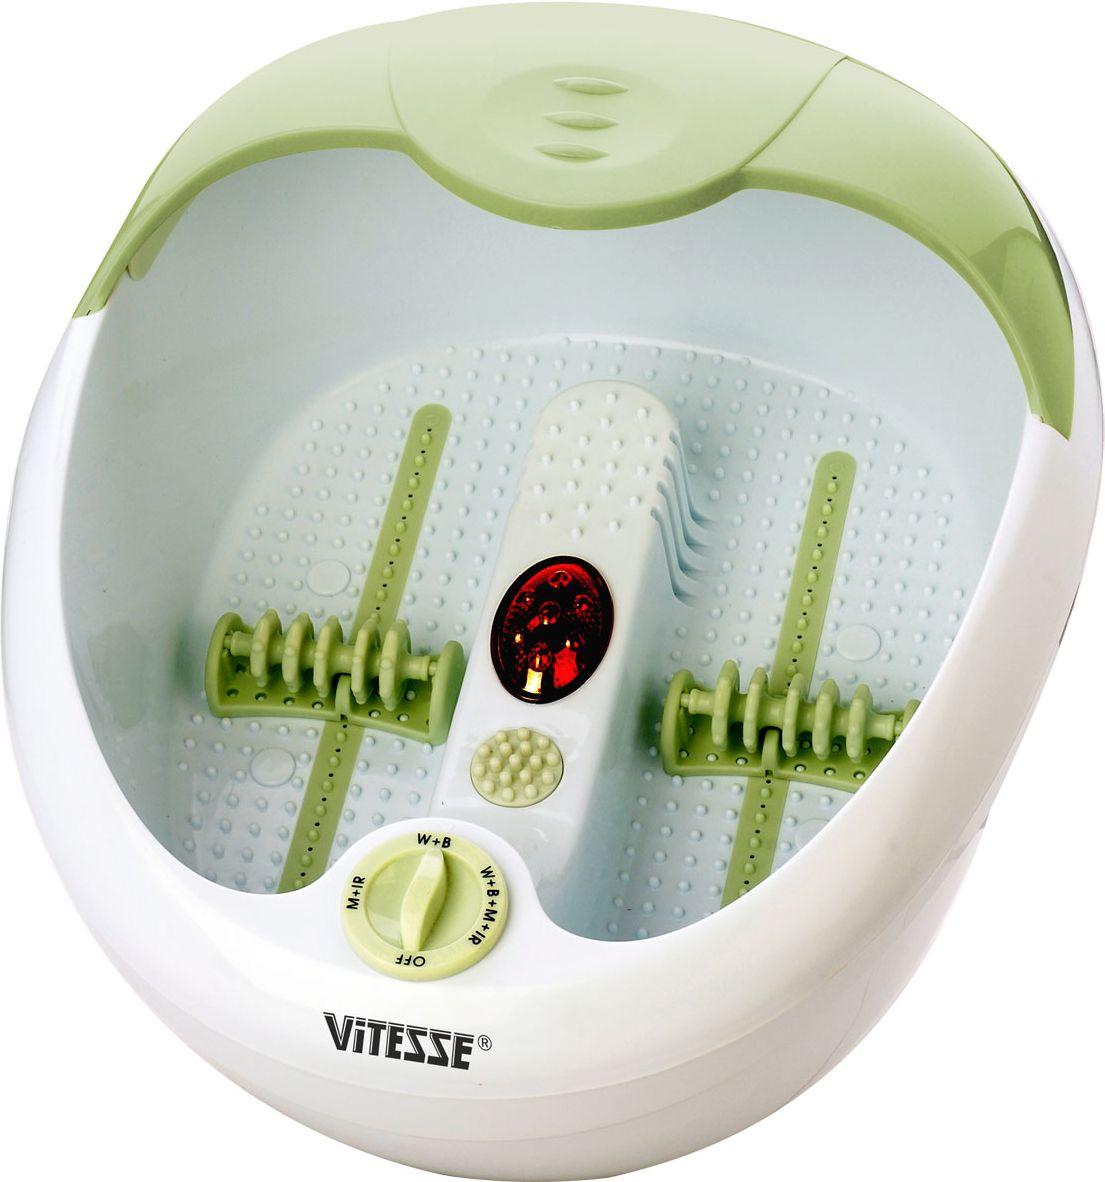 Vitesse VS-970VS-970Массажер для ног Vitesse VS-970 поможет снять усталость после тяжелого дня, проведенного в постоянной беготне. Он оснащен педикюрным набором и четырьмя скоростными режимами, что позволит Вам выбрать самый подходящий для себя. Он сам подогреет воду до нужной температуры и будет поддерживать её, чтобы Вы могли наслаждаться процедурой сколько угодно долго.